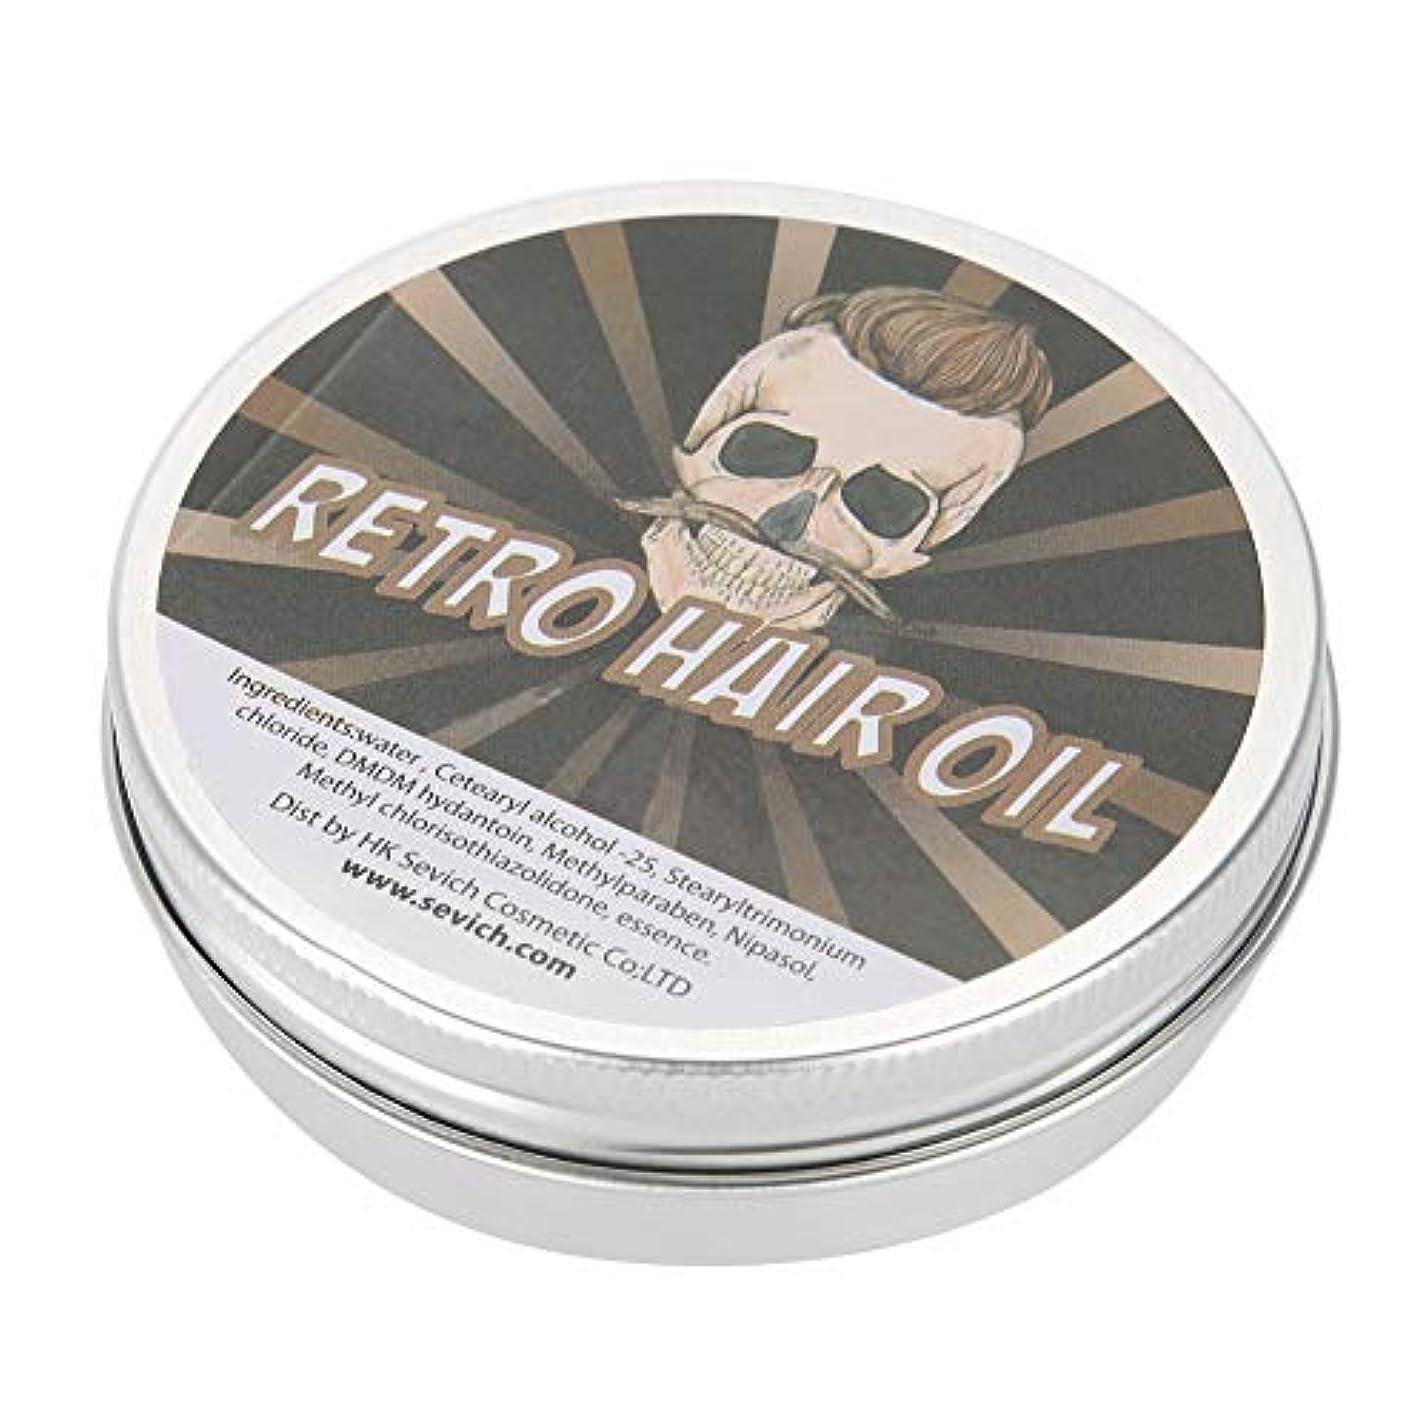 重要なメロン打ち負かすヘアワックス パーフェクトロング 永続的なヘアワックス 水ベースのヘアスタイリング ポマードヘアモデリングワックス